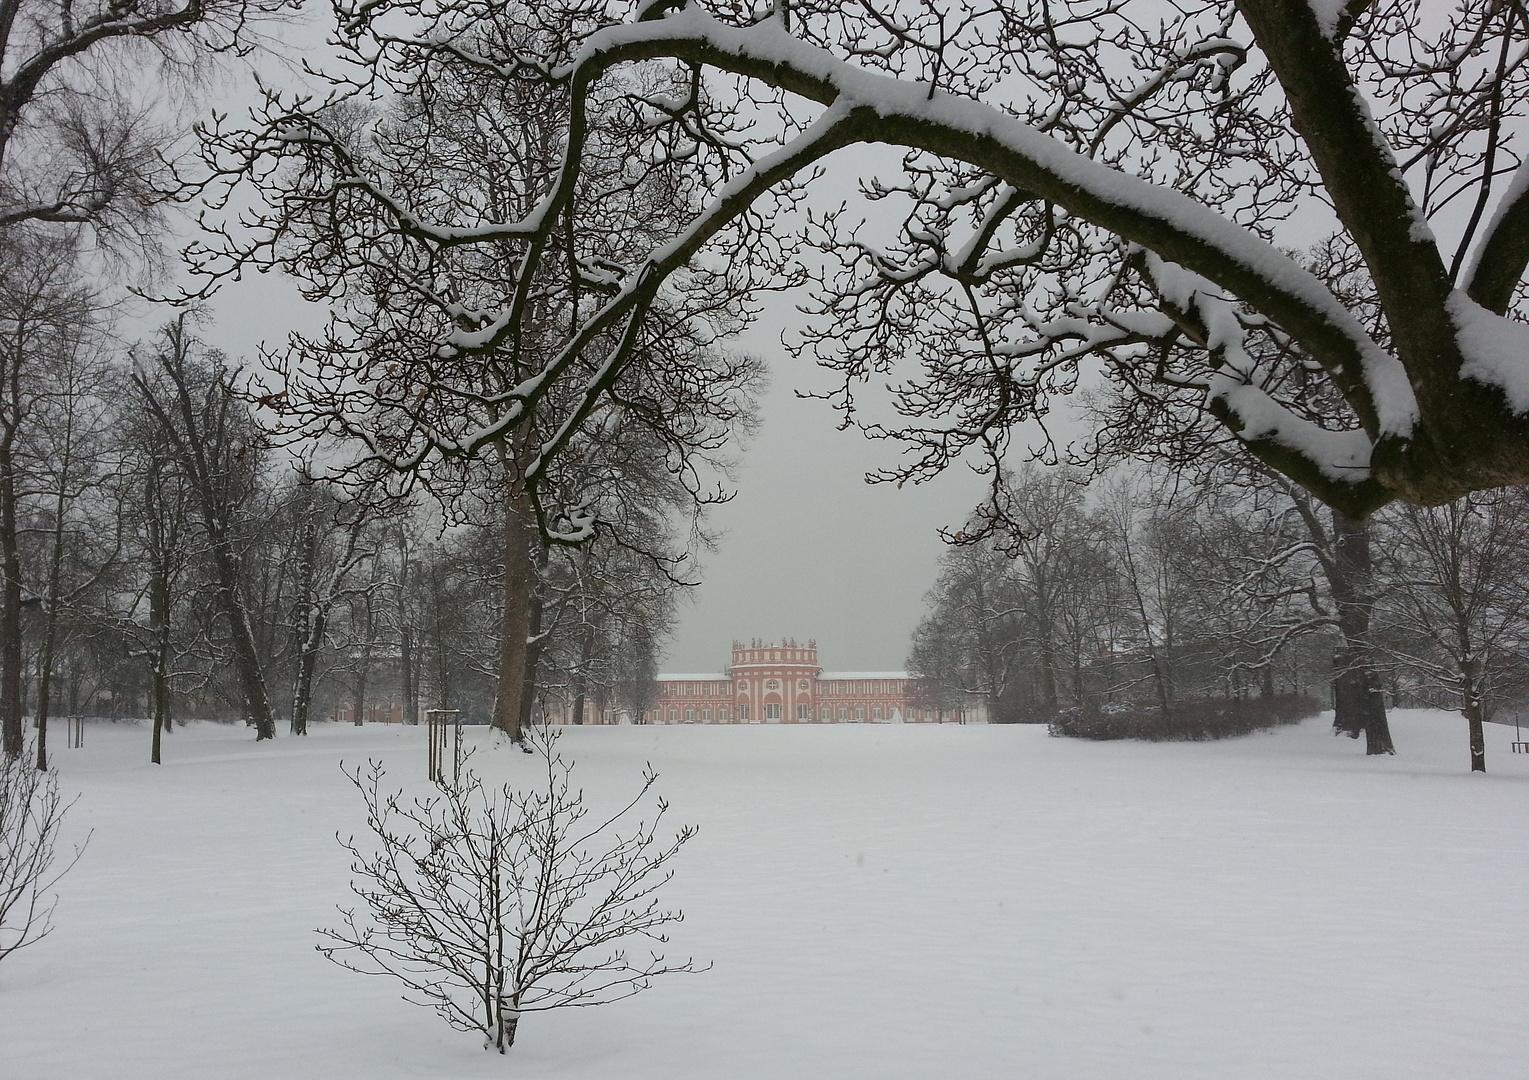 Wintereinbruch im Biebricher Schlosspark 1